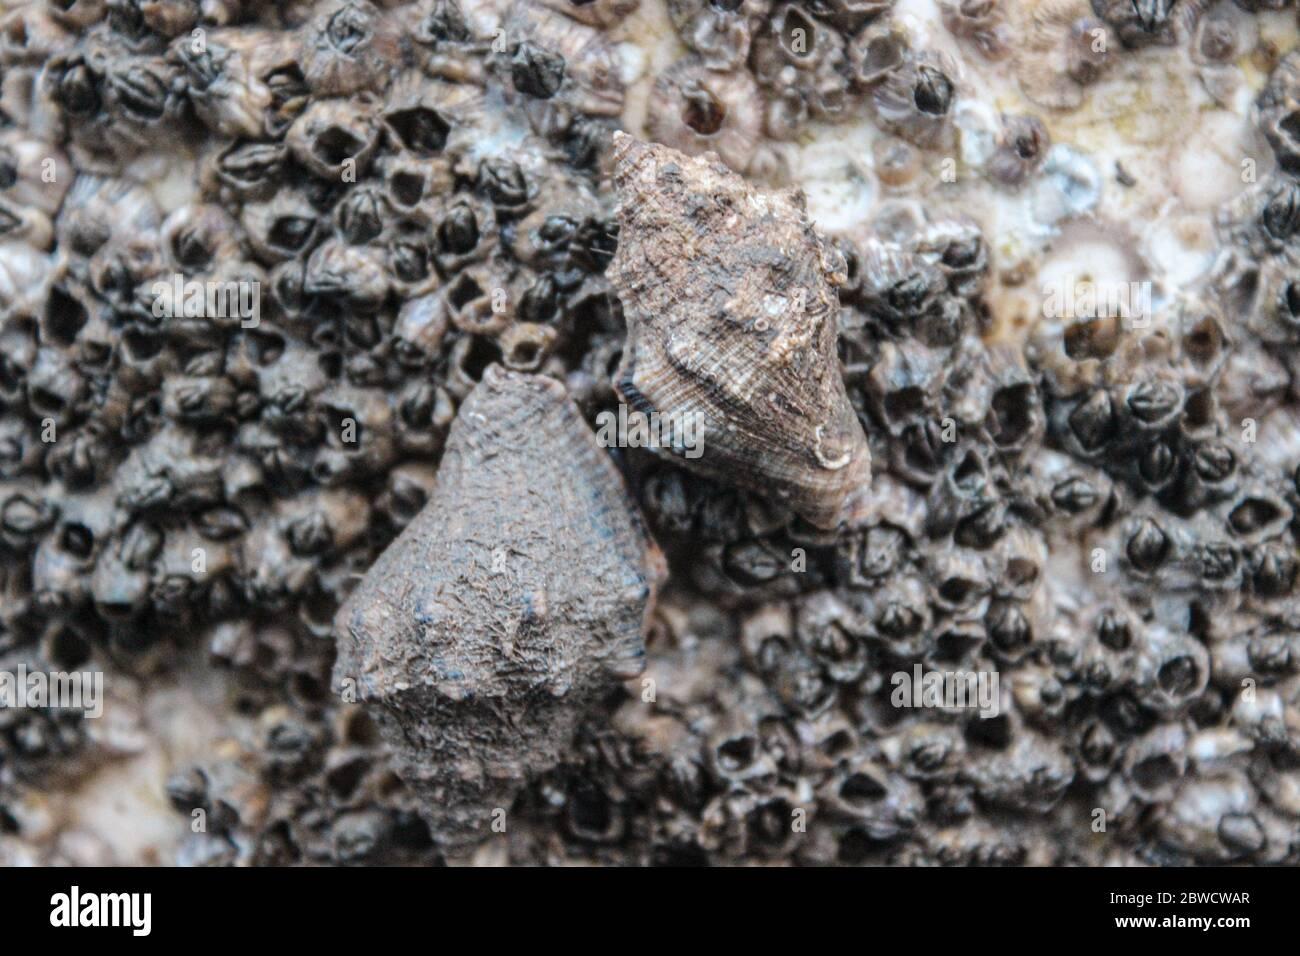 Zwei alte Schneckenschalen stecken auf einem Felsen voller Krebstiere Stockfoto